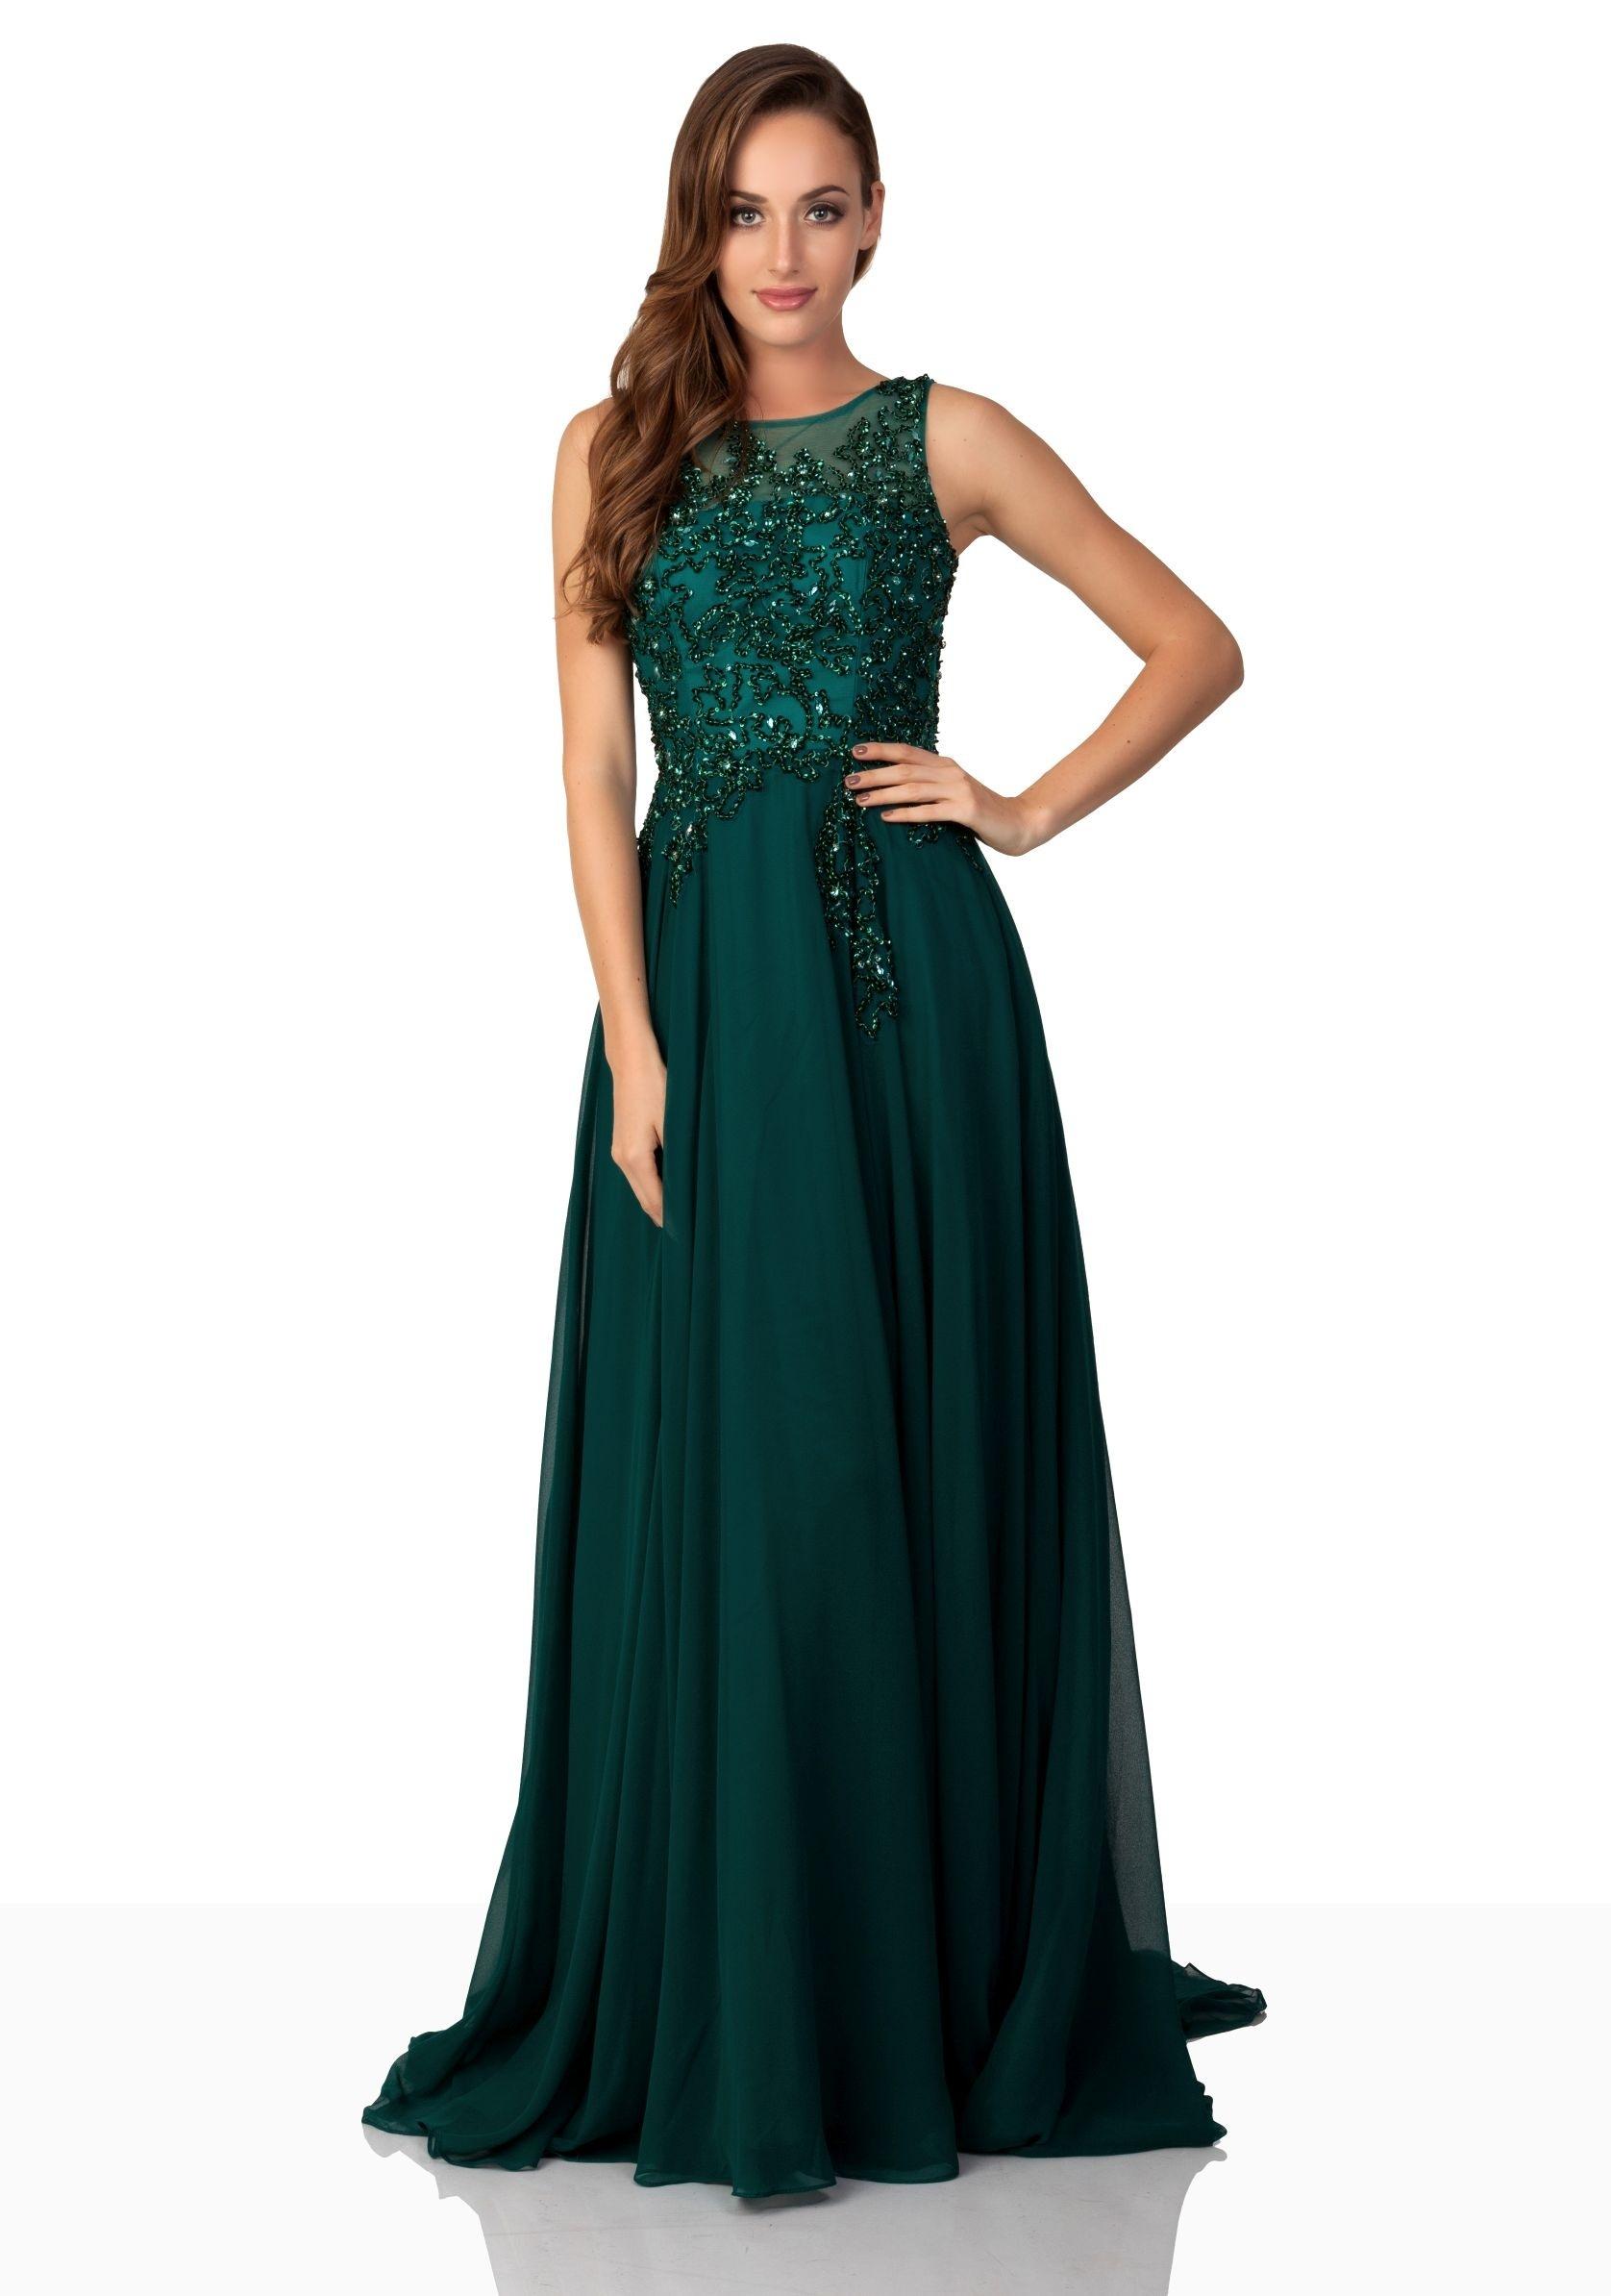 12 Spektakulär Abendkleider Zu Kaufen Boutique - Abendkleid